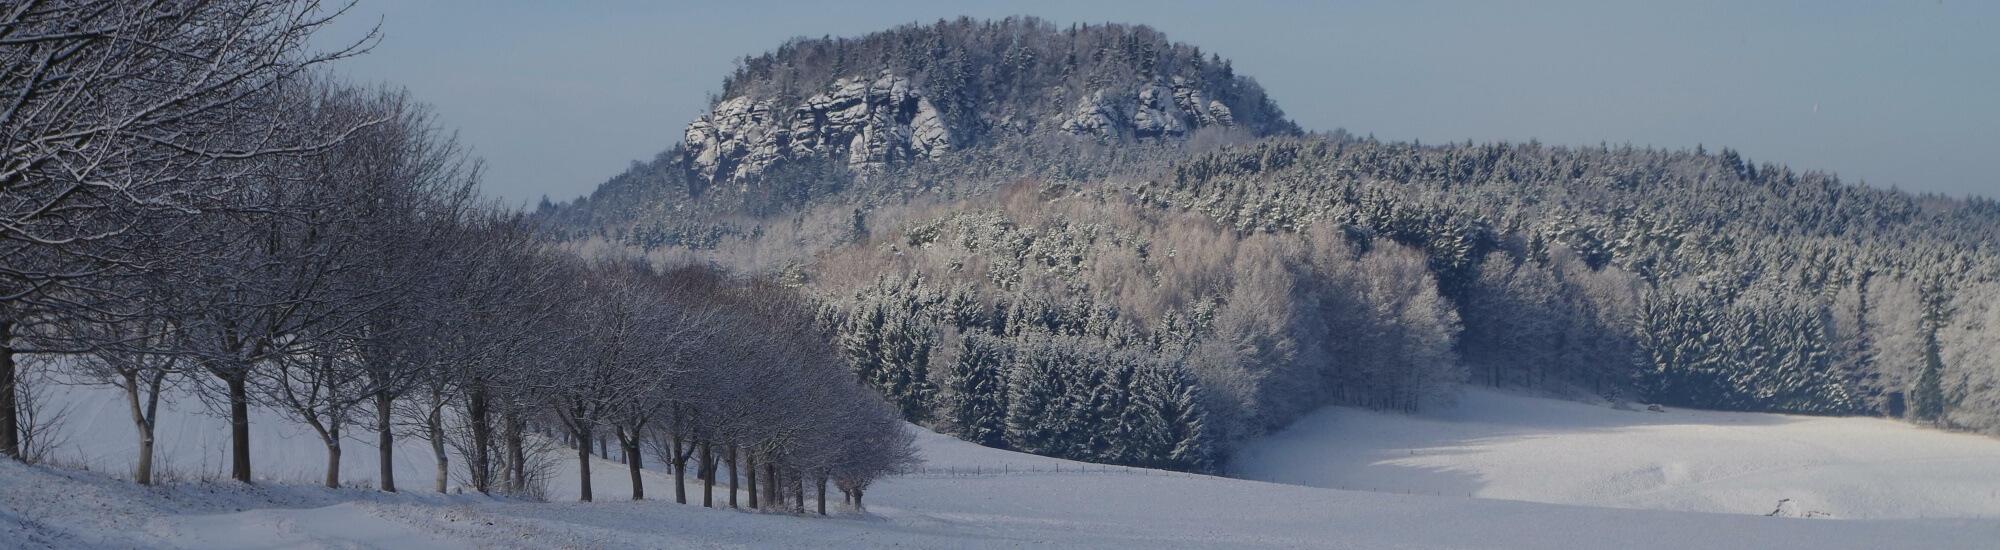 Winterbild Weißig mit Bärenstein